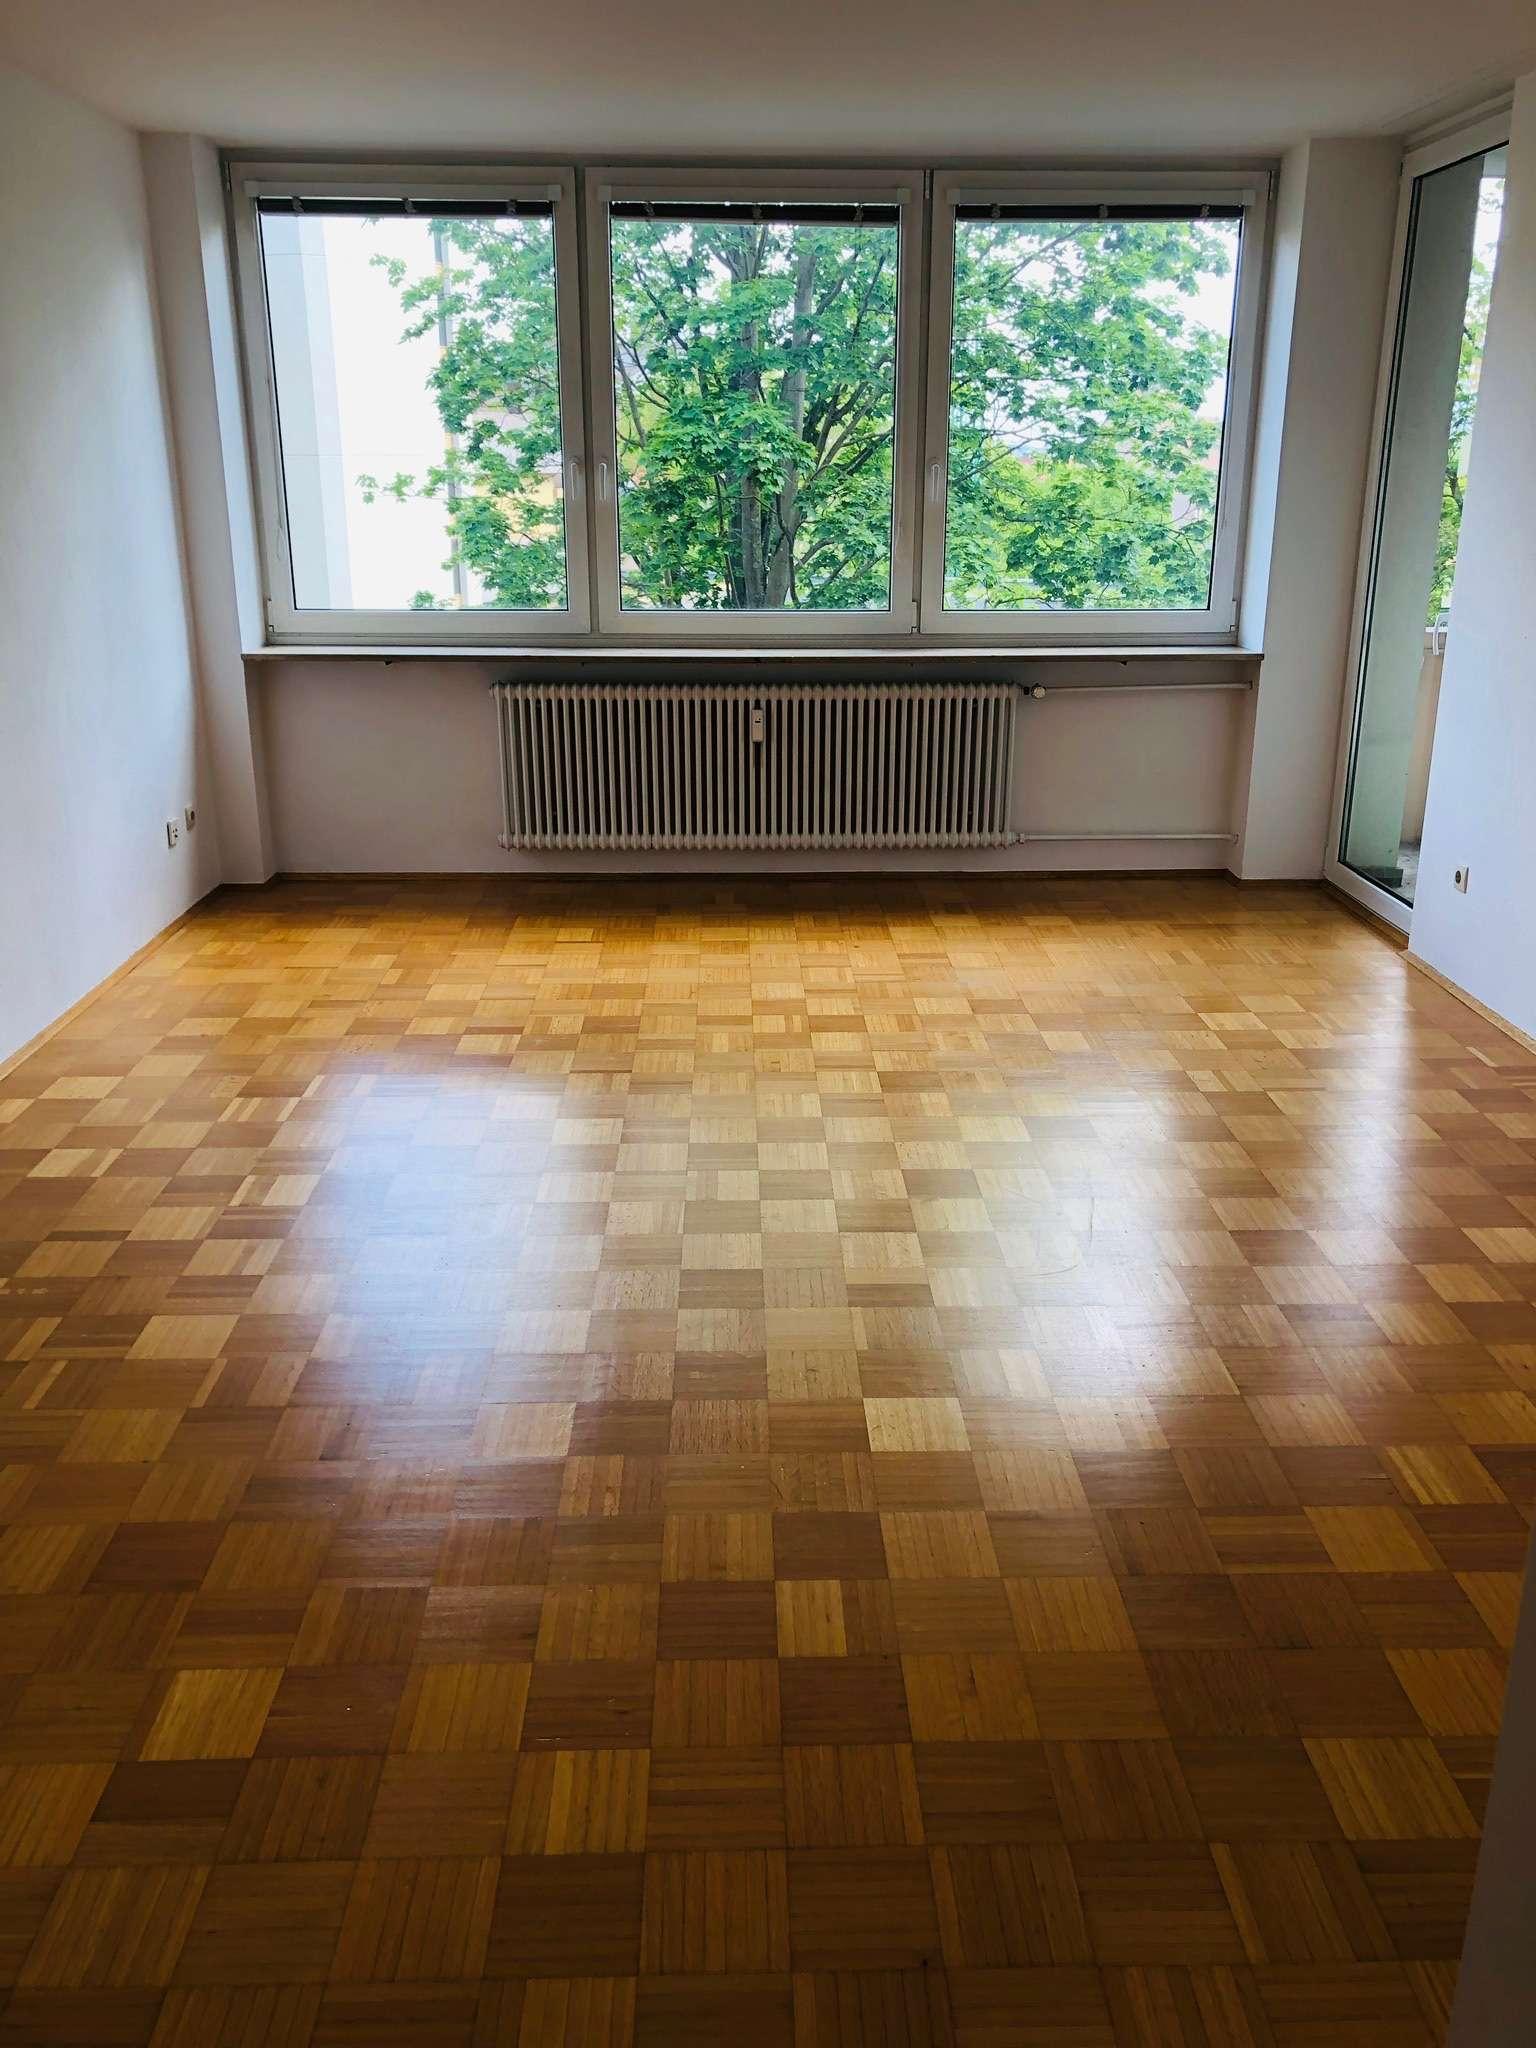 Sehr schöne 3-Zimmer-Wohnung mit Balkon in zentraler Lage unterhalb der Burg ( Nürnberg/ Sebald)